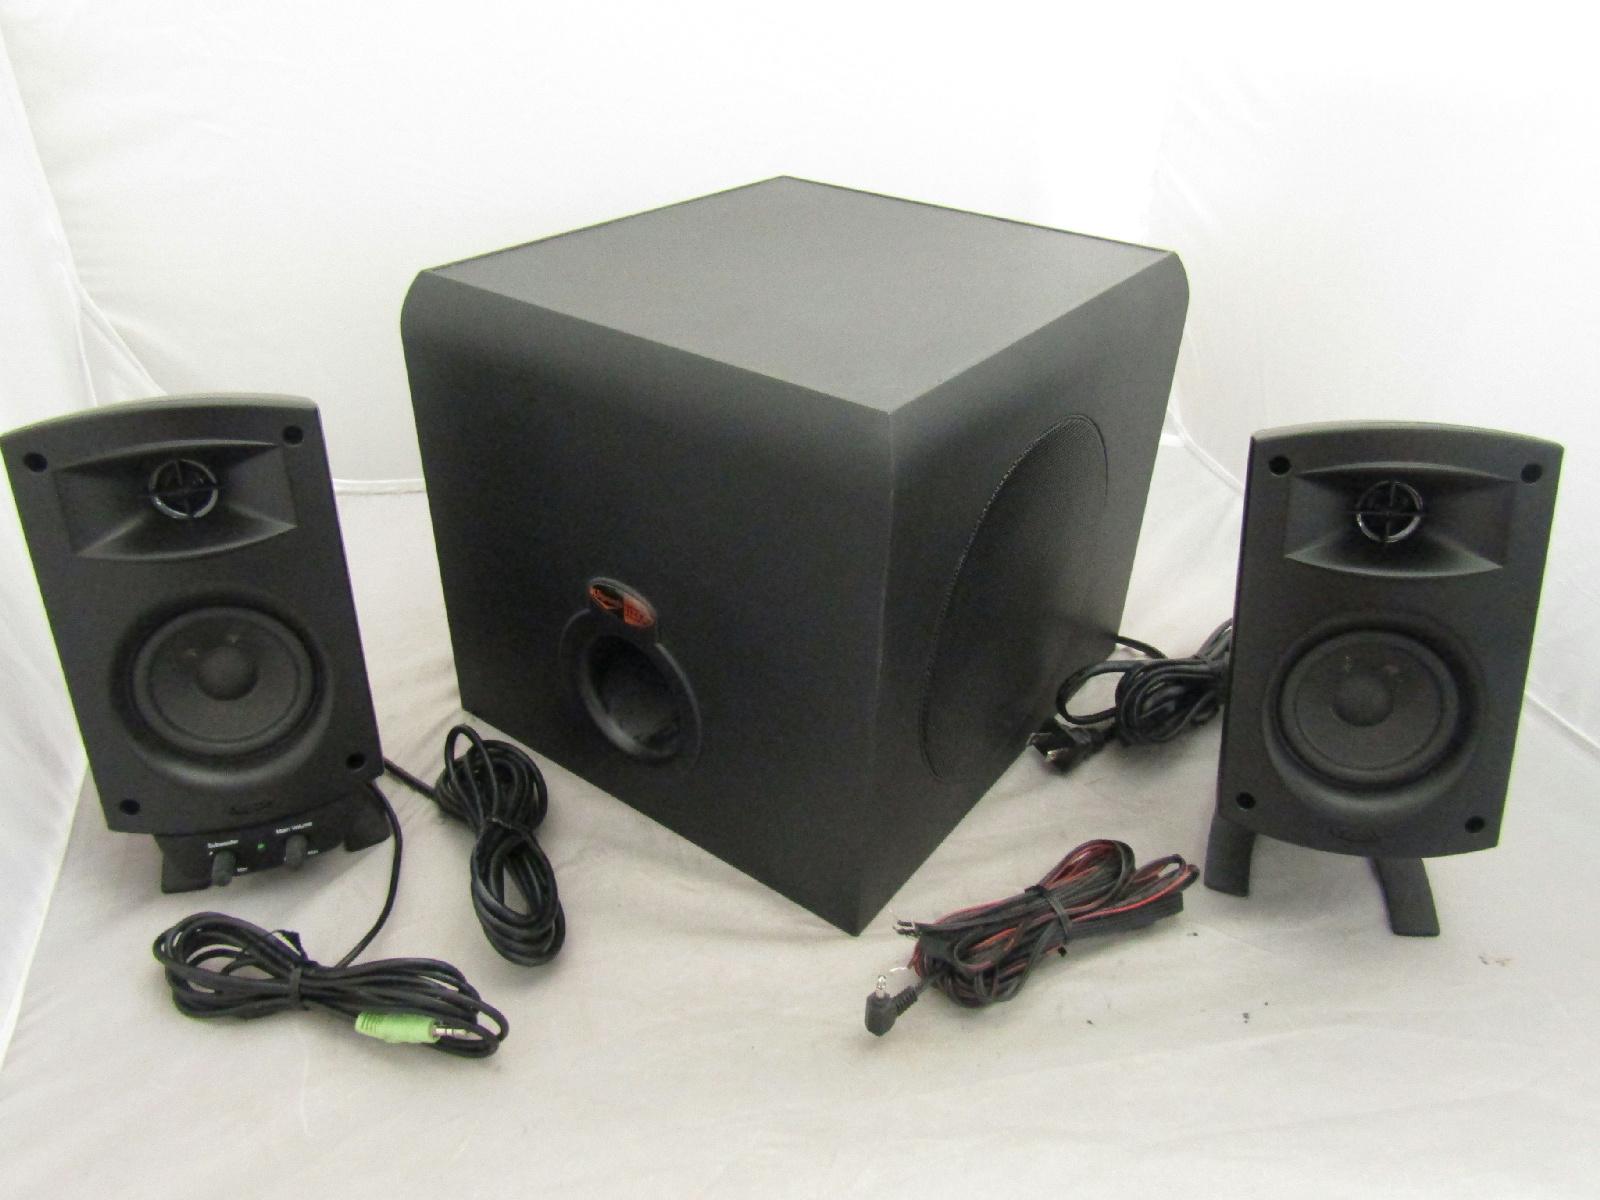 klipsch promedia 2 1 thx computer speaker bundle system 2 subwoofer ebay. Black Bedroom Furniture Sets. Home Design Ideas